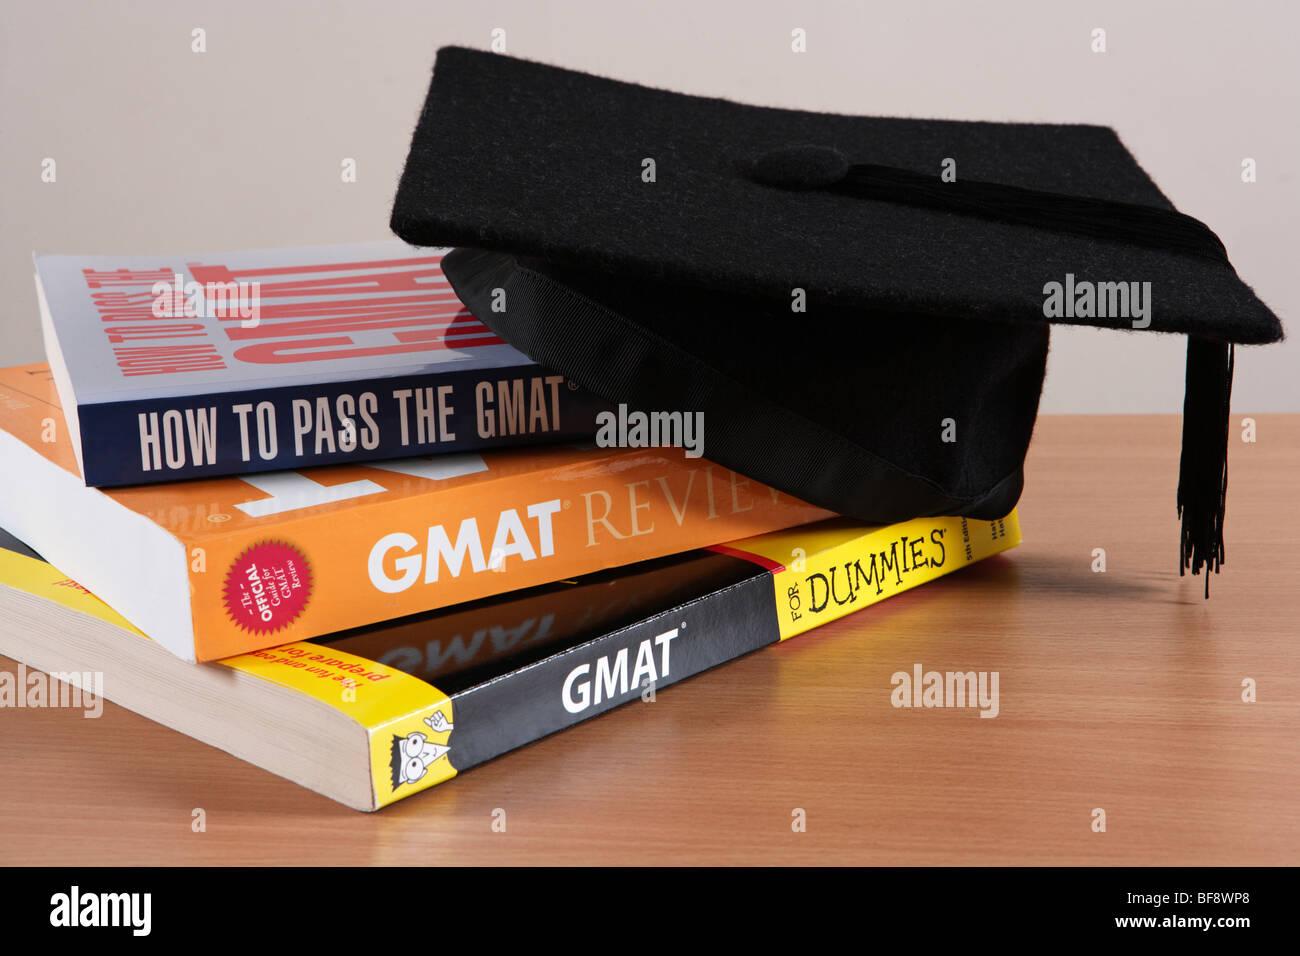 GMAT Imagen De Stock